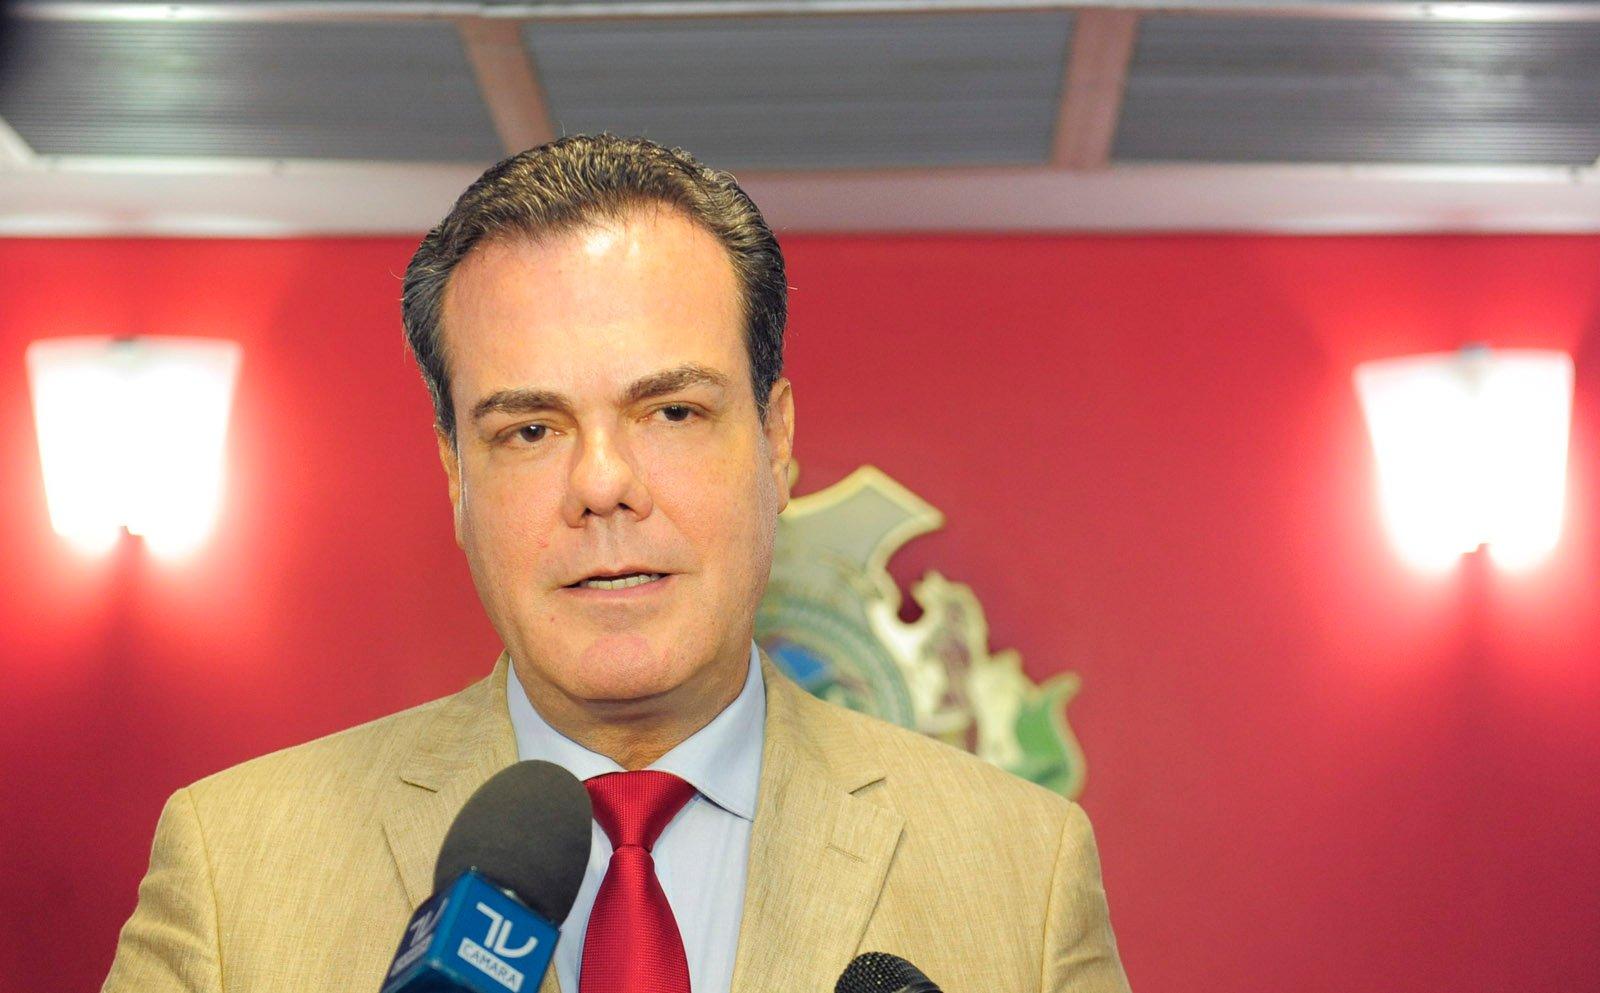 Henrique Oliveira poderá ser empossado governador do estado, através de recurso ao TSE